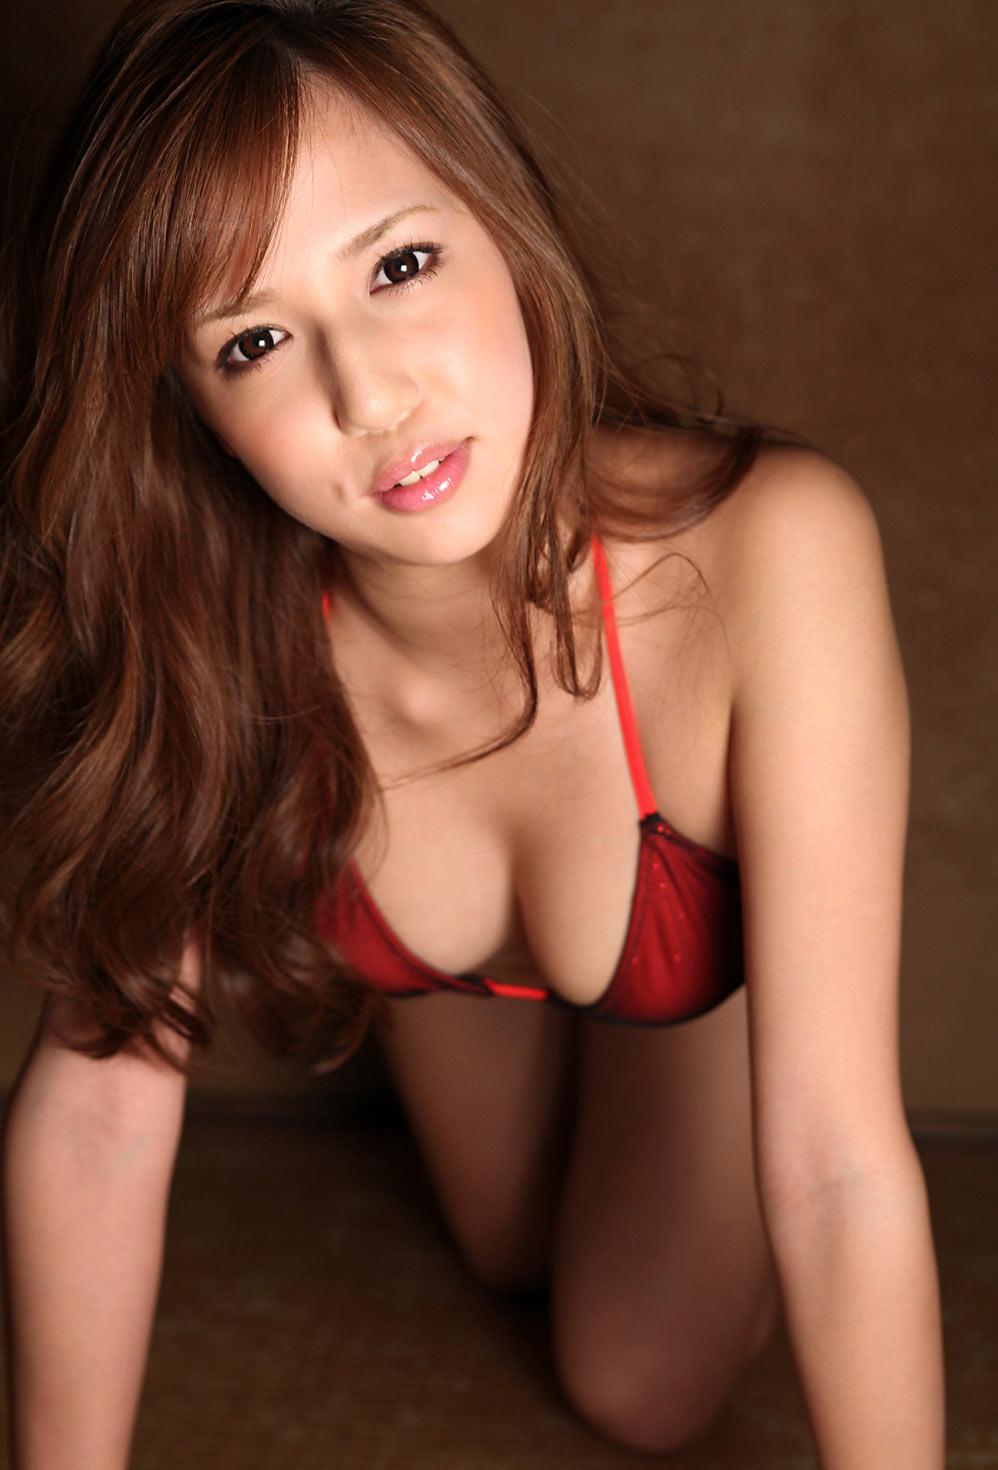 人気巨乳グラドル丸高愛実(21)のお宝セミヌード画像画像8